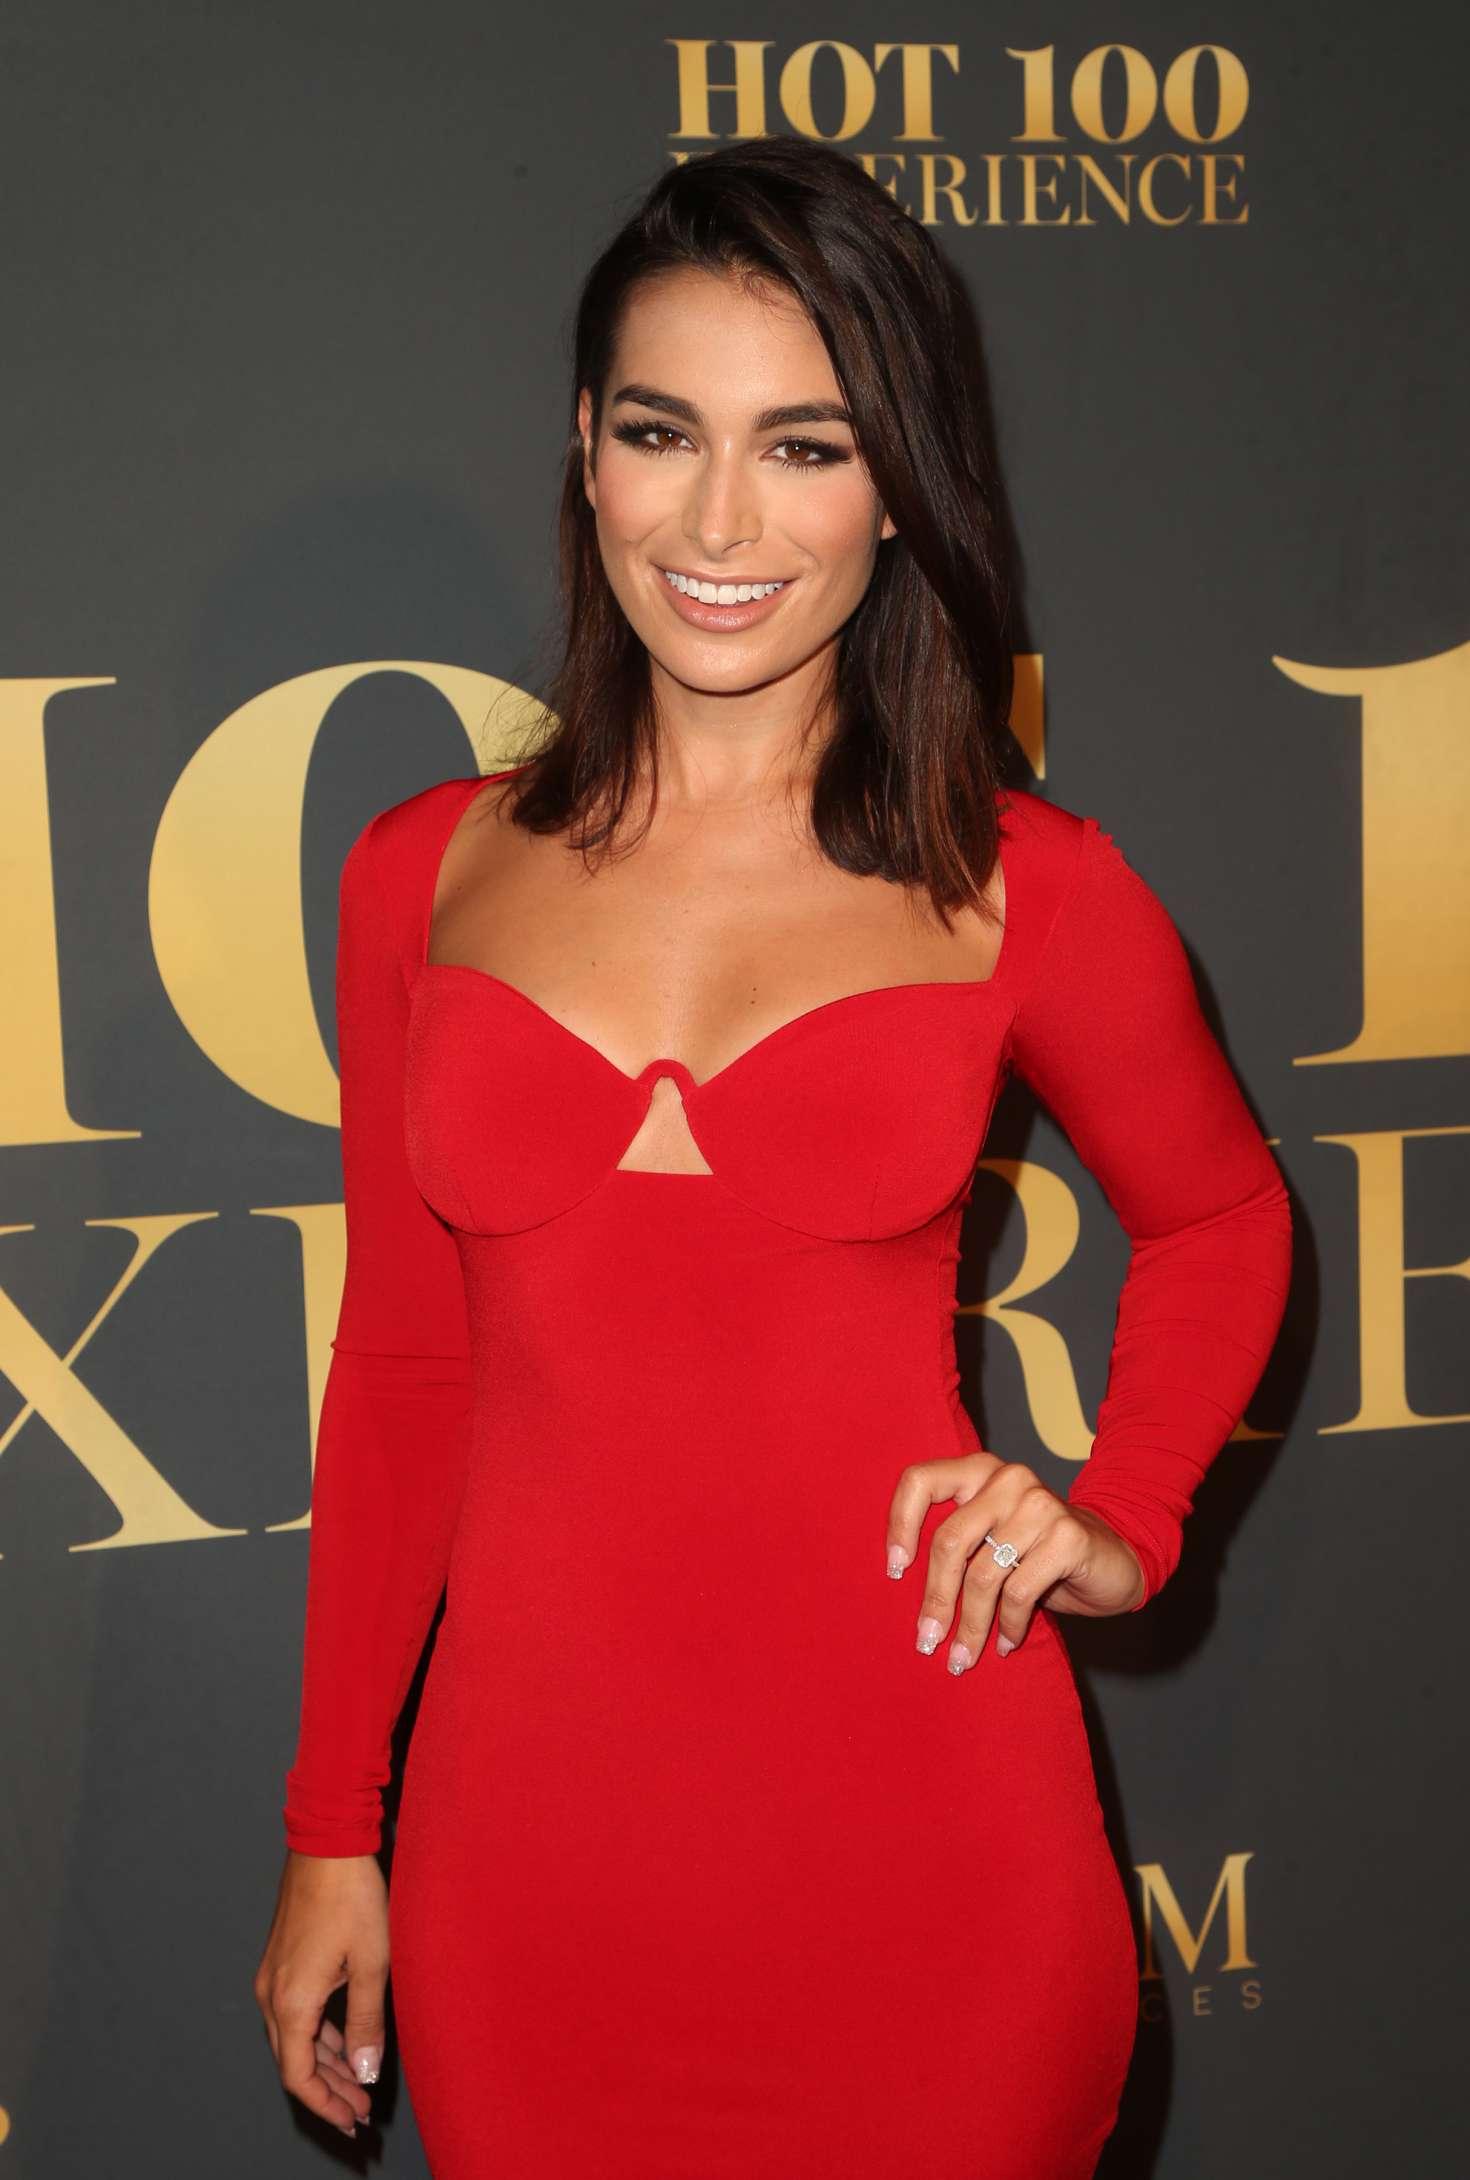 Ashley Iaconetti - 2018 Maxim Hot 100 Experience in Los Angeles